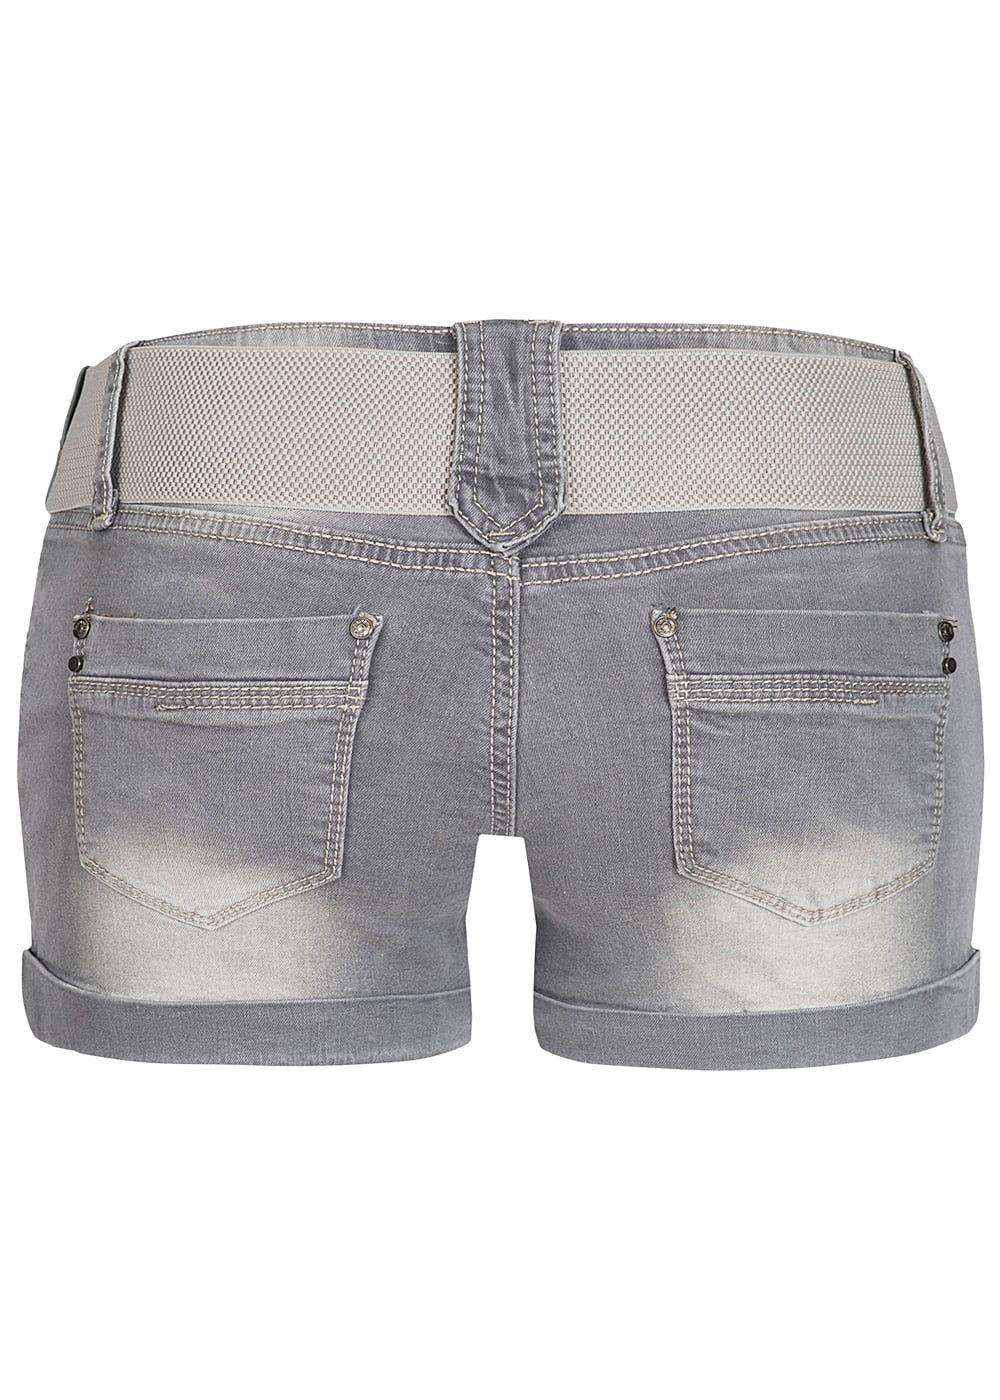 seventyseven lifestyle damen jeans shorts 4 pockets inkl. Black Bedroom Furniture Sets. Home Design Ideas